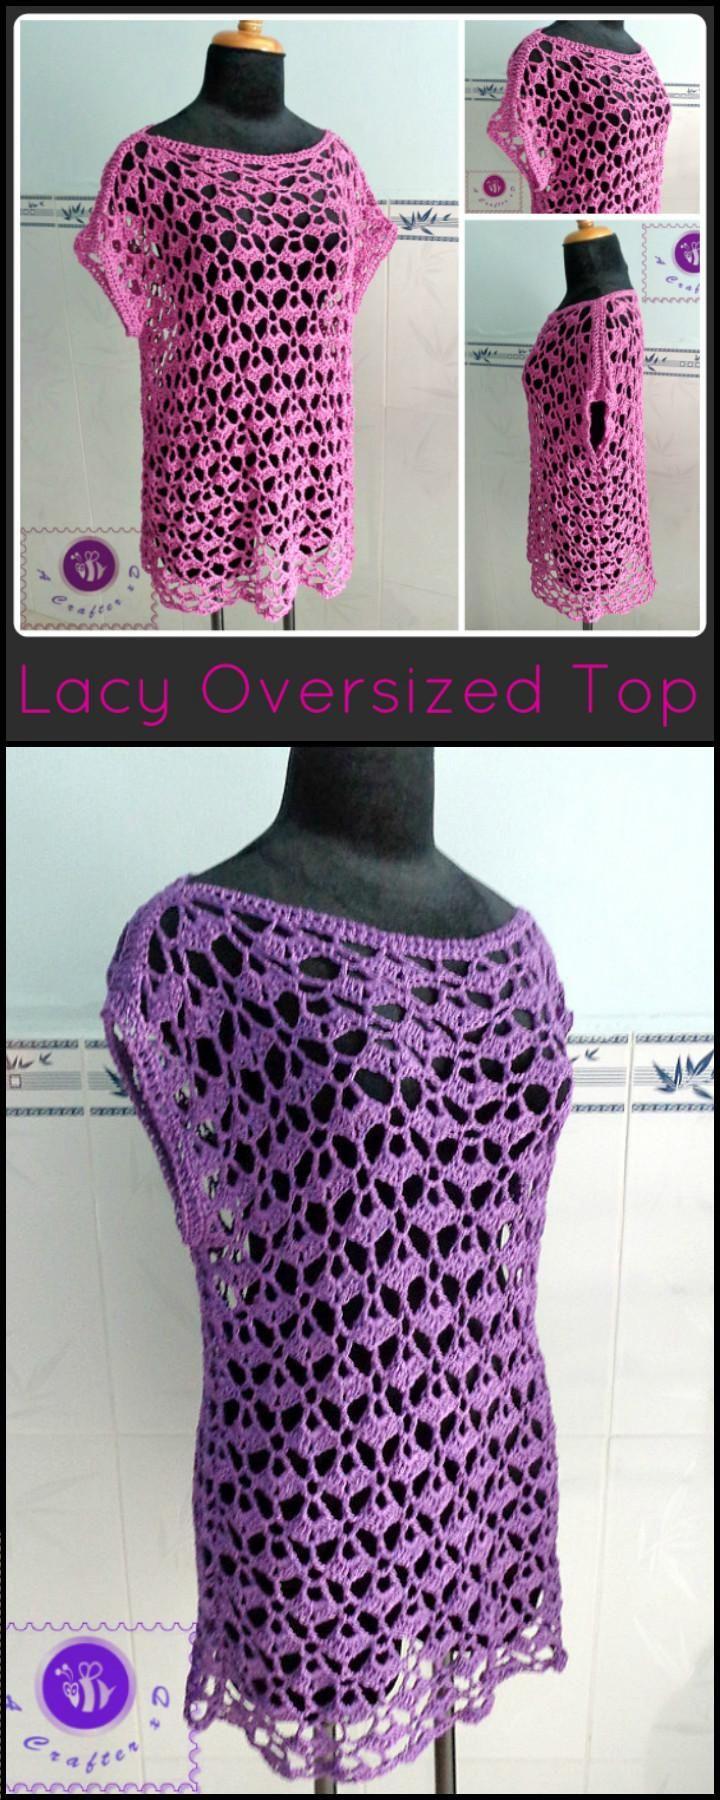 50+ Quick & Easy Crochet Summer Tops - Free Patterns   Häkeln ...